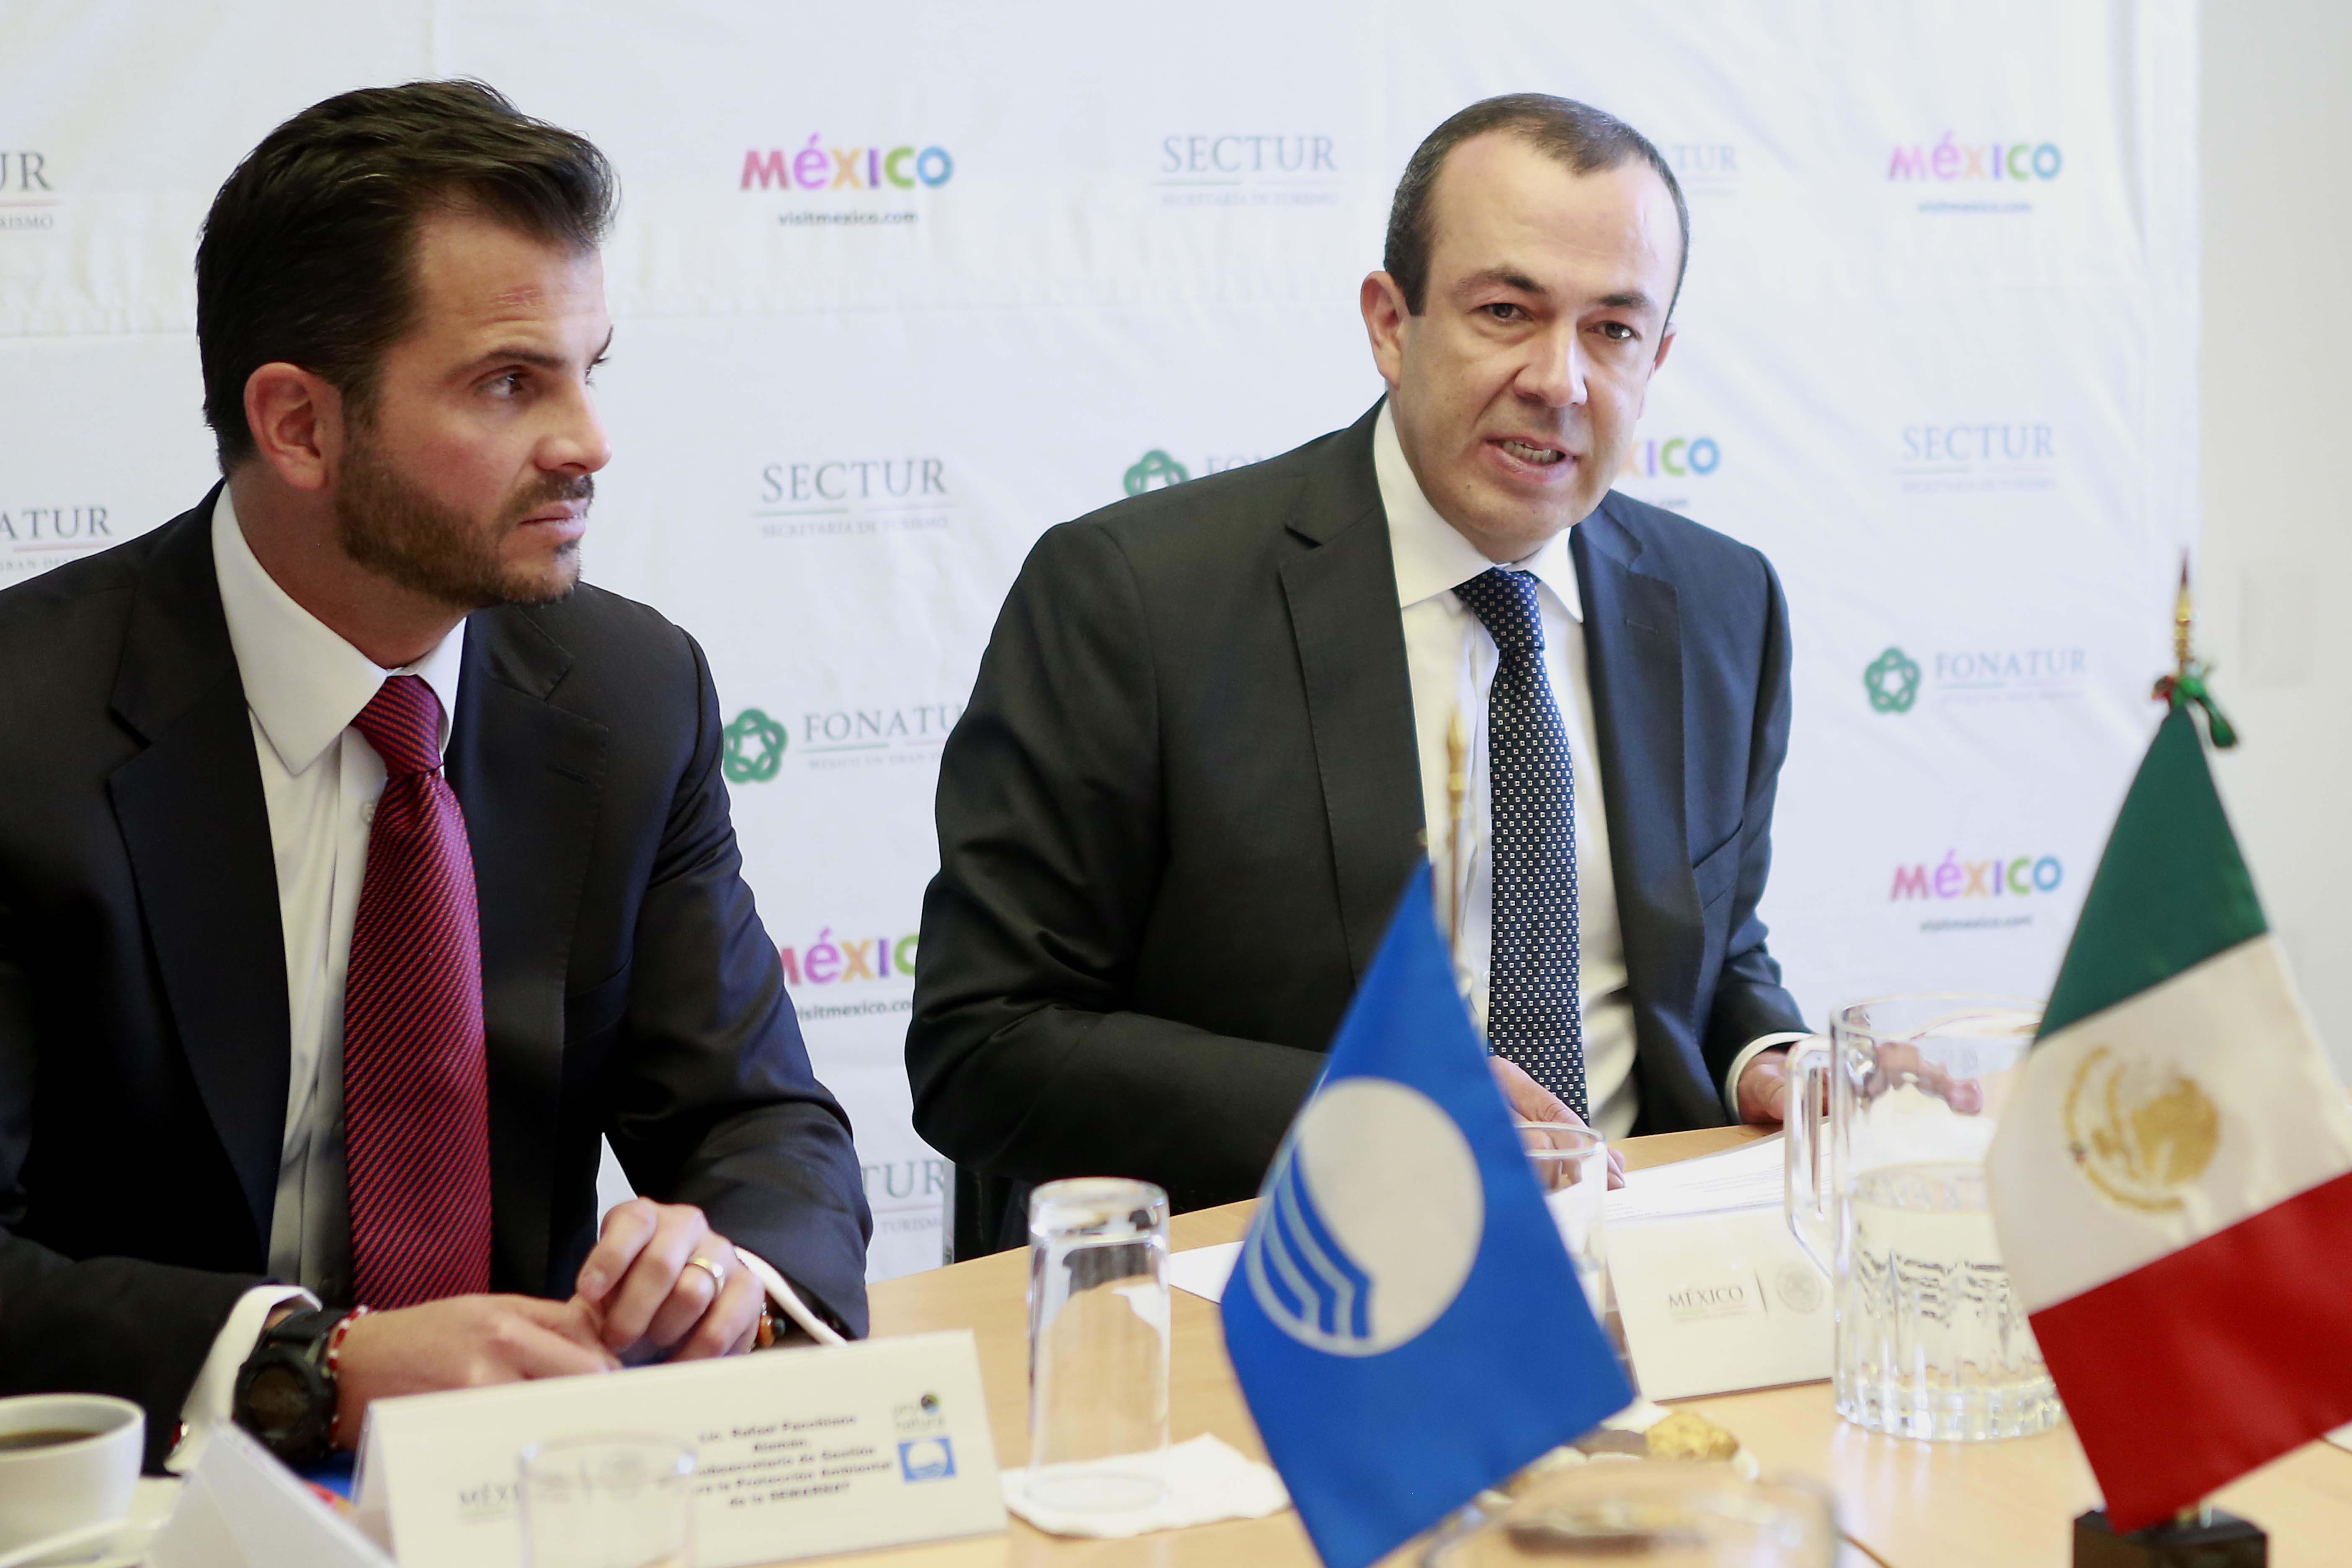 Durante la Primera Reunión del Jurado Nacional Blue Flag Temporada 2015 se anunciaron las candidaturas, en respuesta al compromiso establecido por el Gobierno Federal de fortalecer el Sistema Nacional de Certificación Turística.